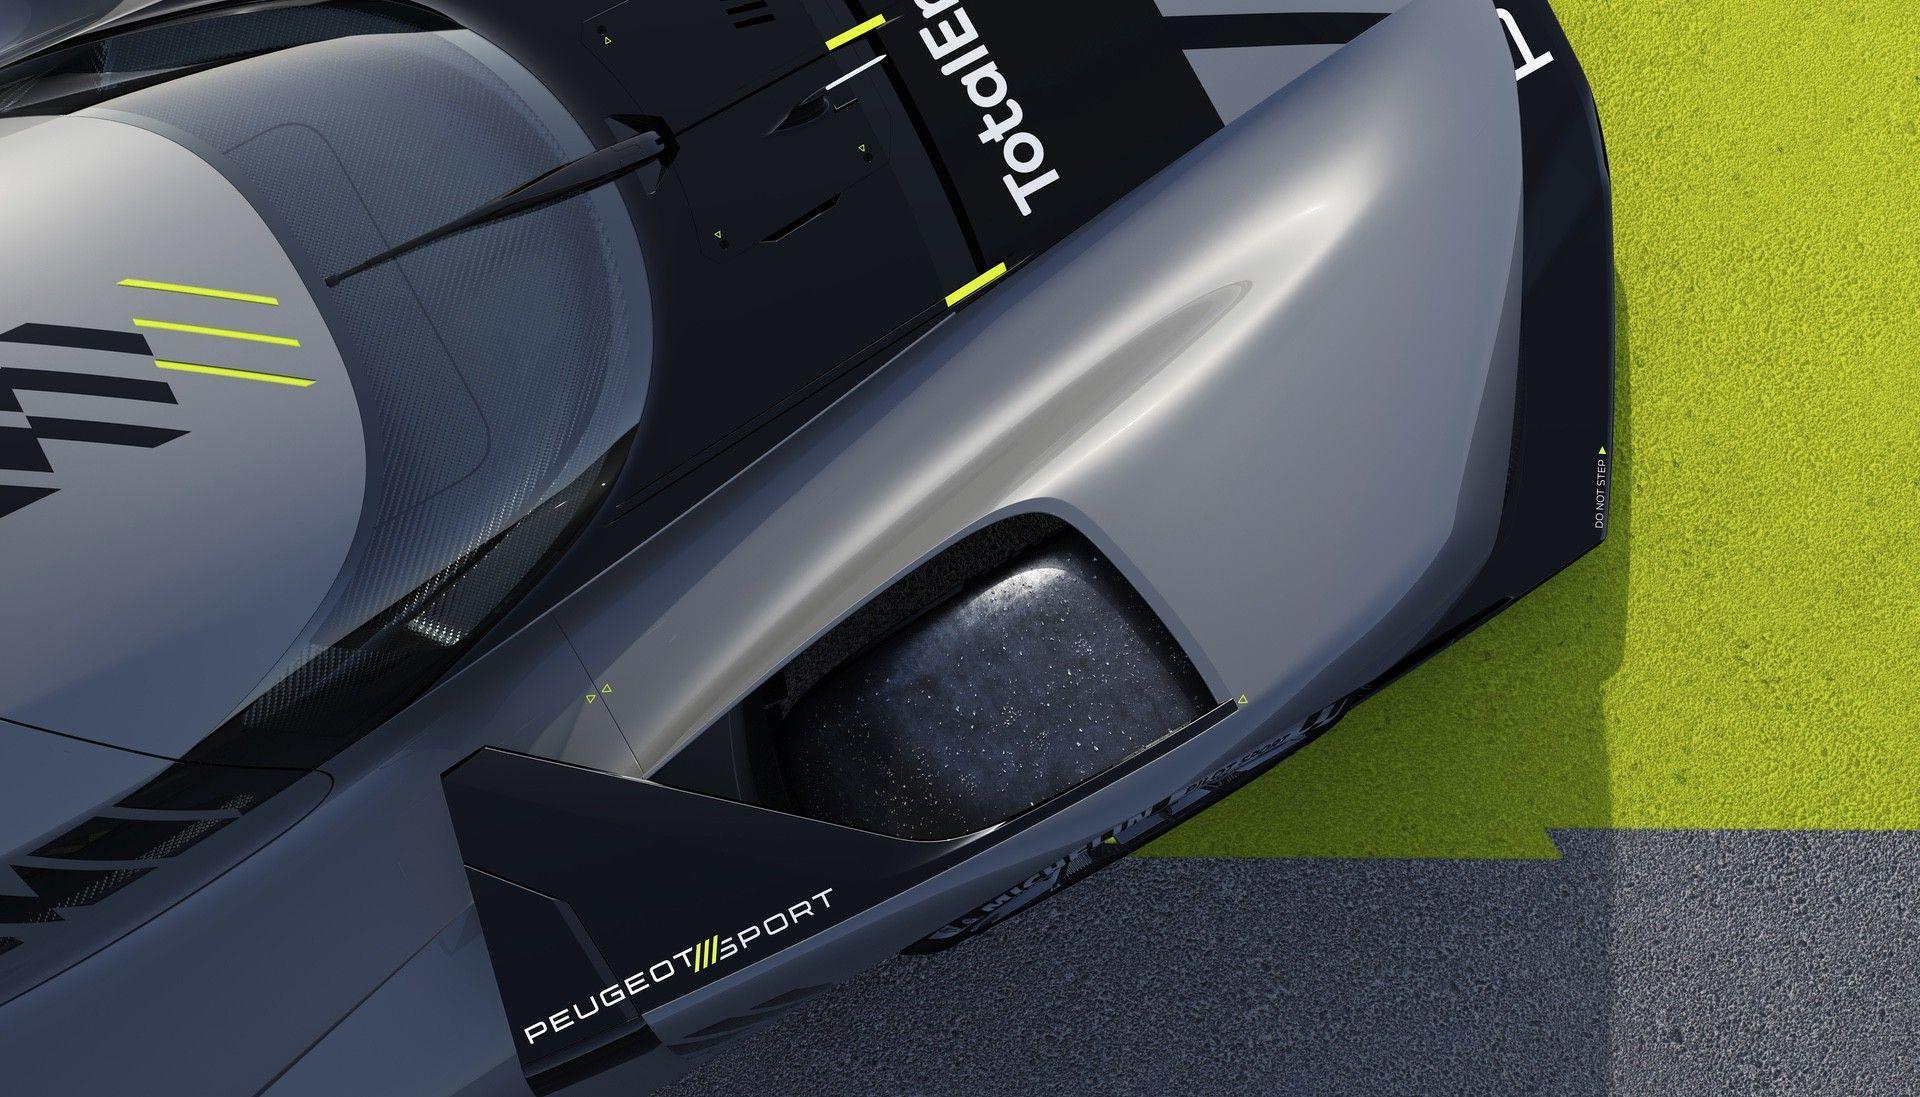 Peugeot_9X8_Hypercar-0010